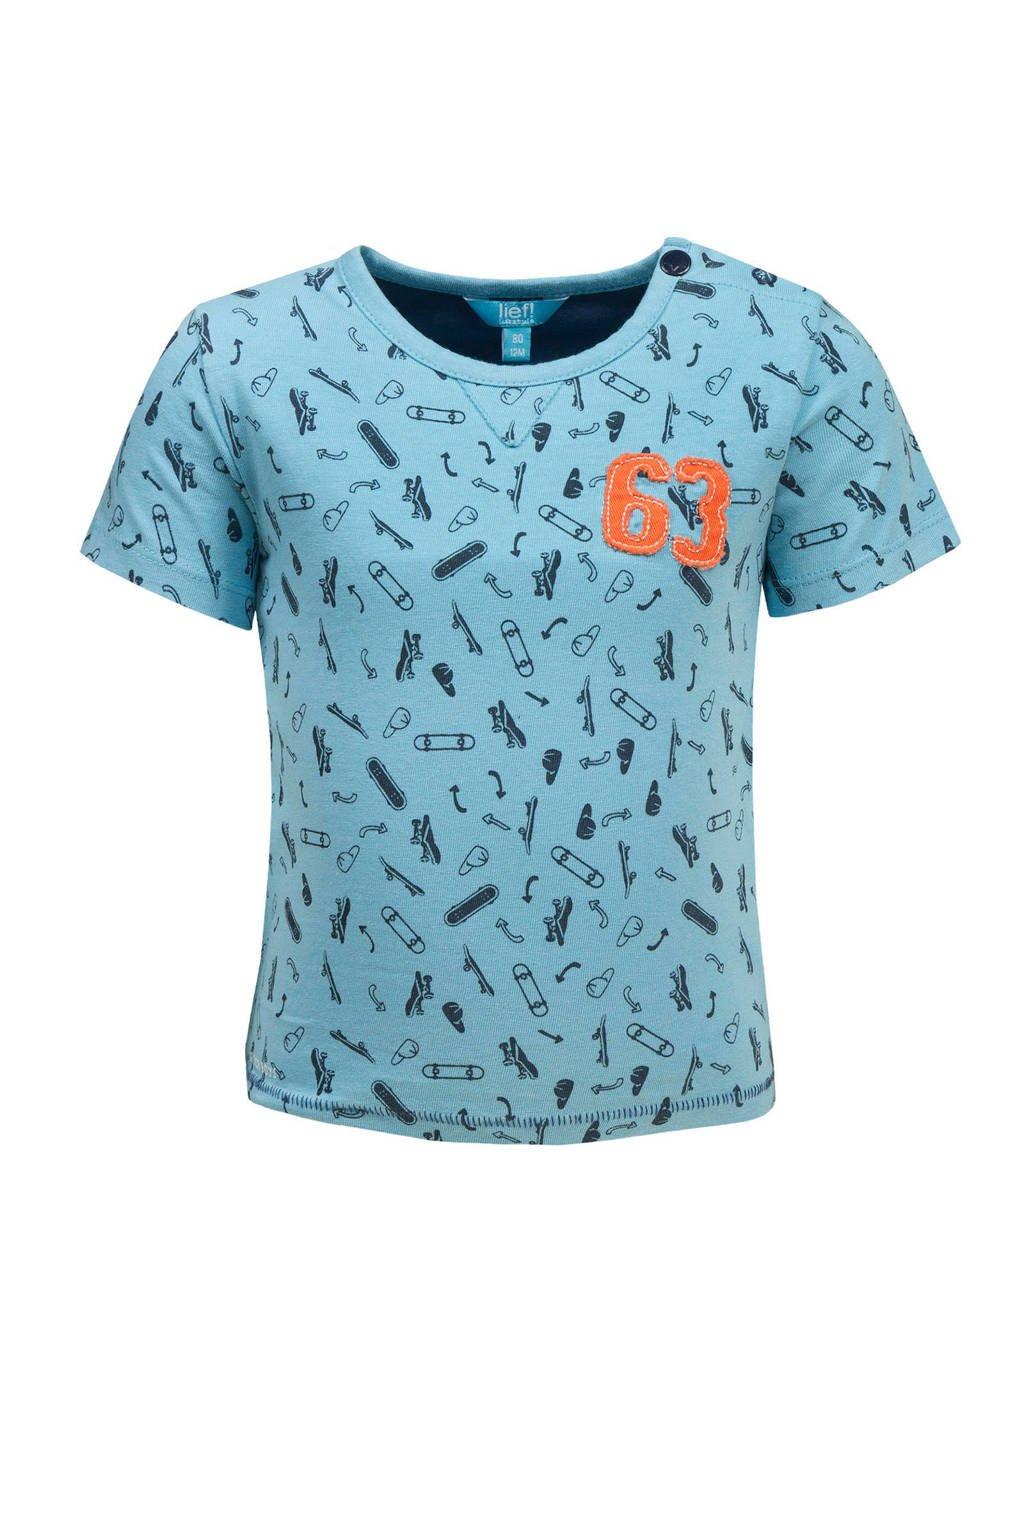 lief! T-shirt met all over print blauw, Lichtblauw/blauw